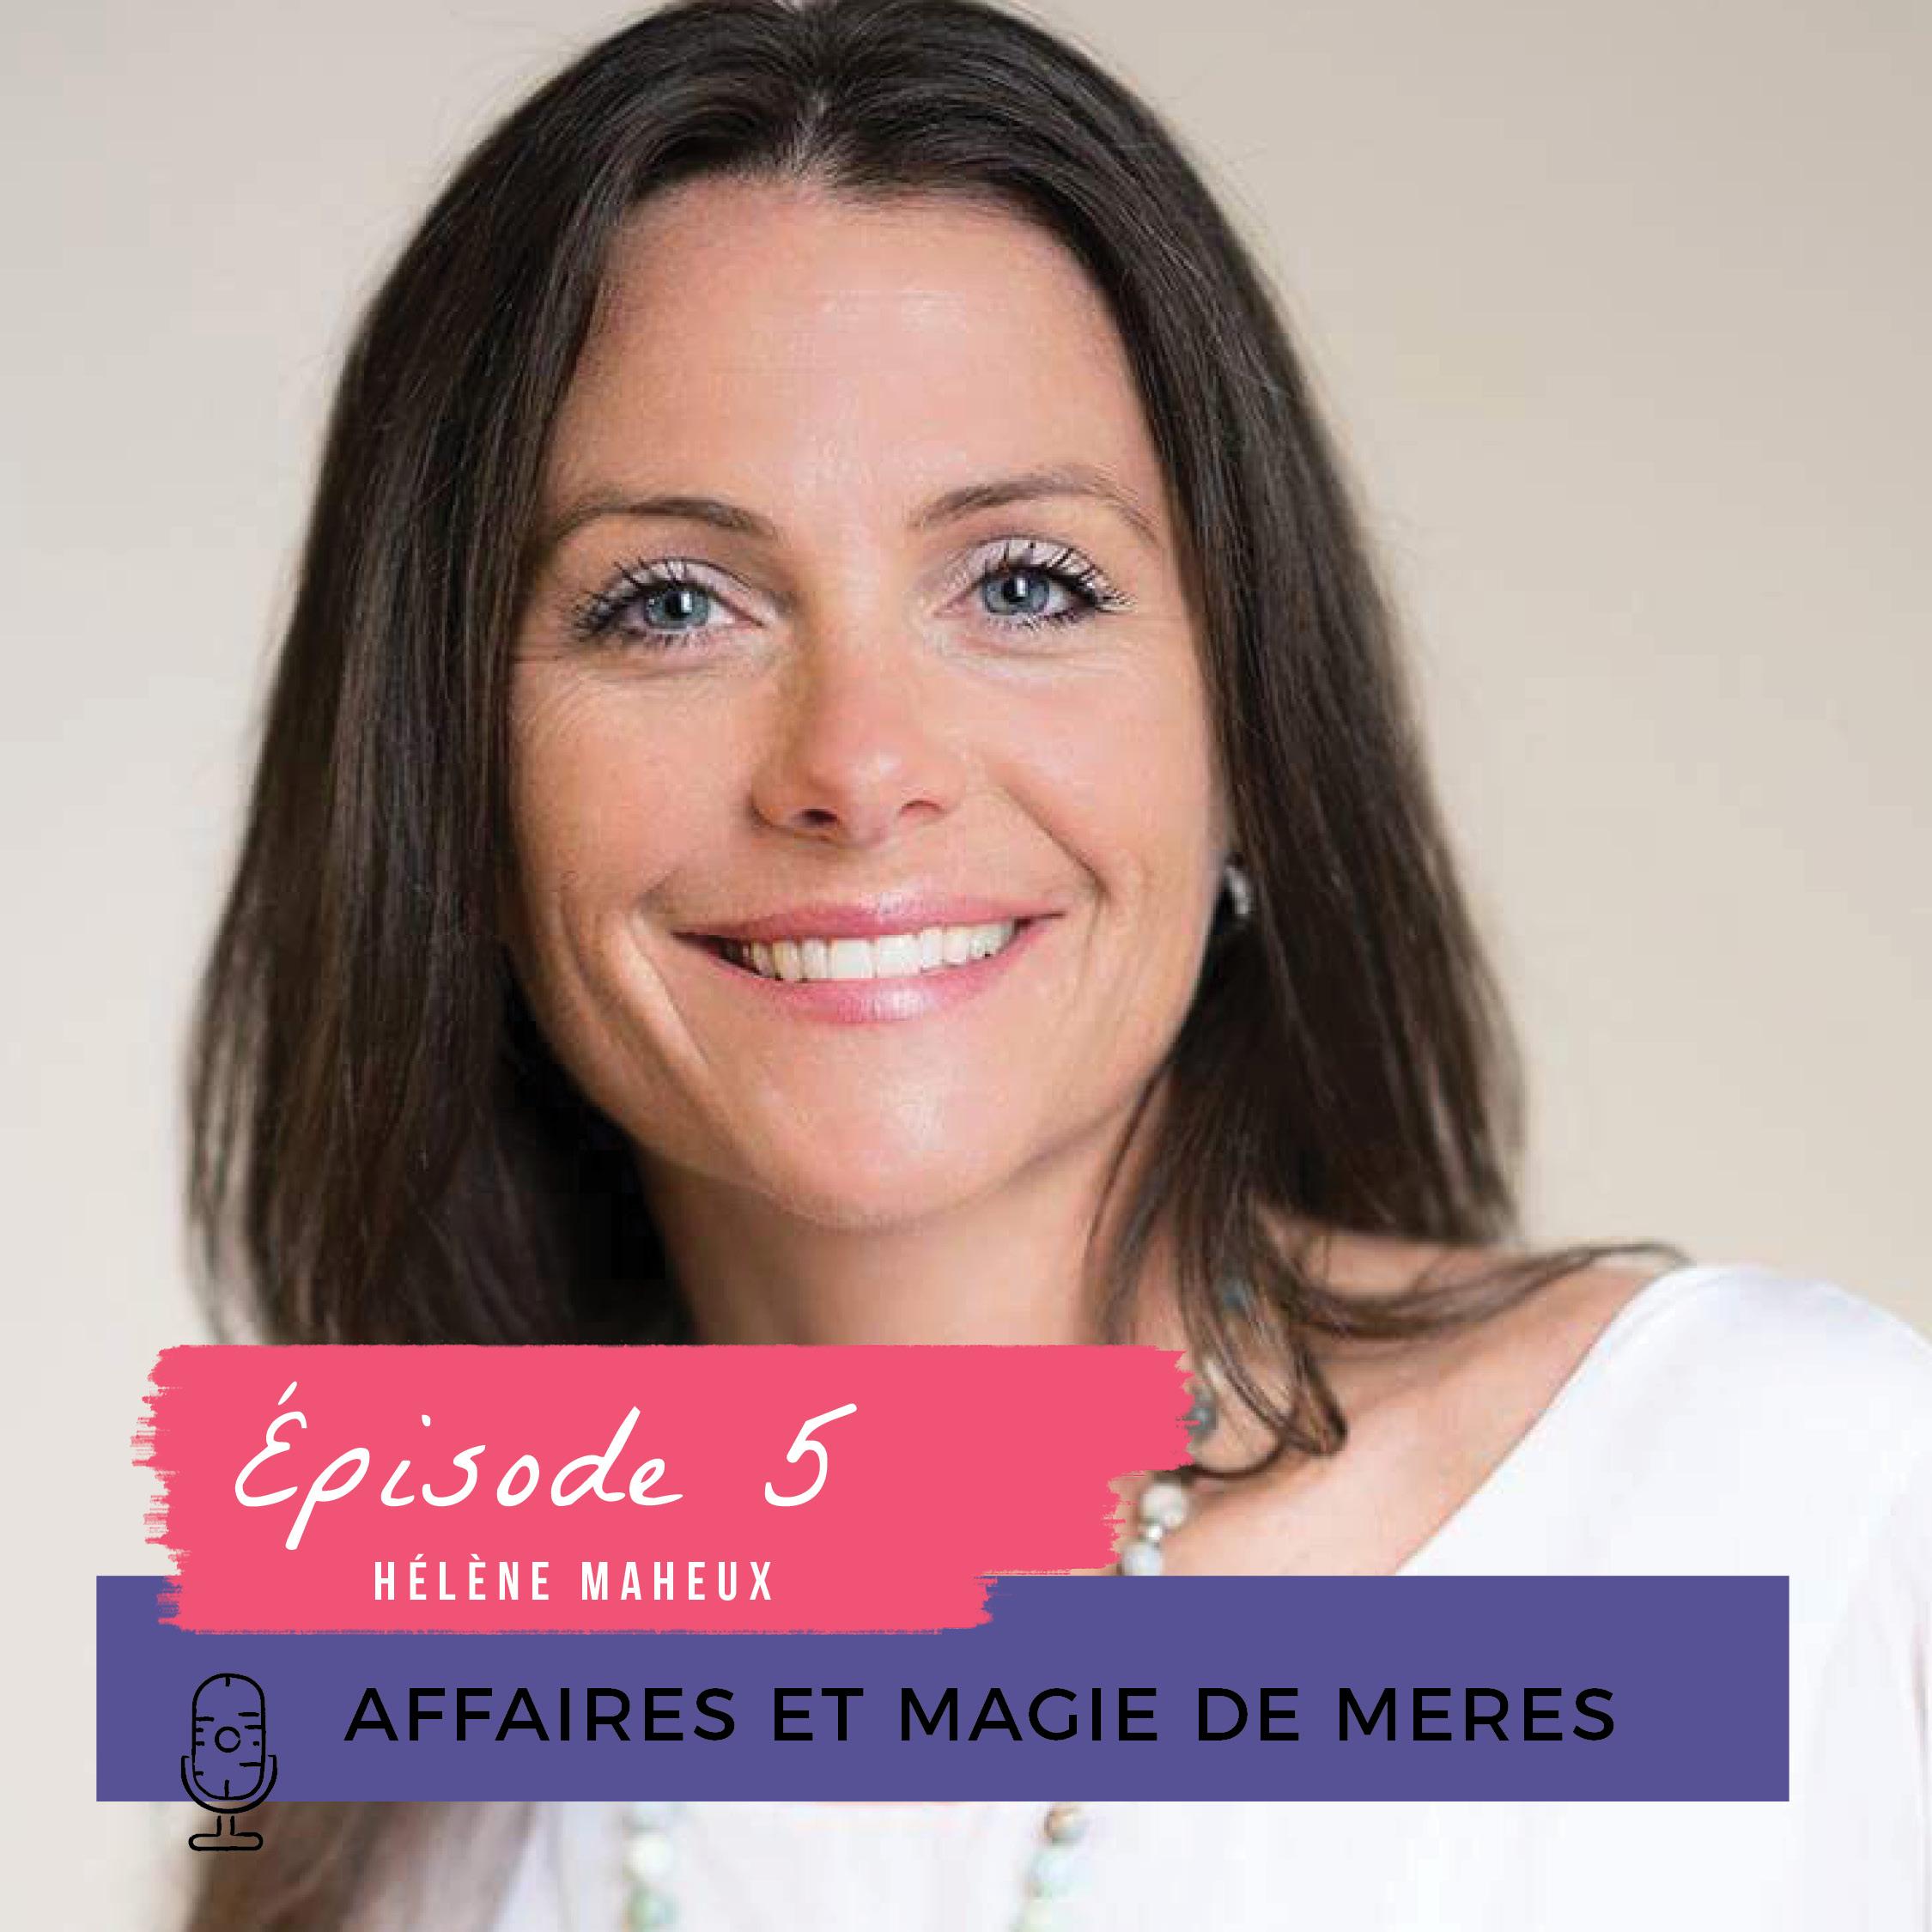 Hélène Maheux homéopathe Espace Santé Mieux-Être